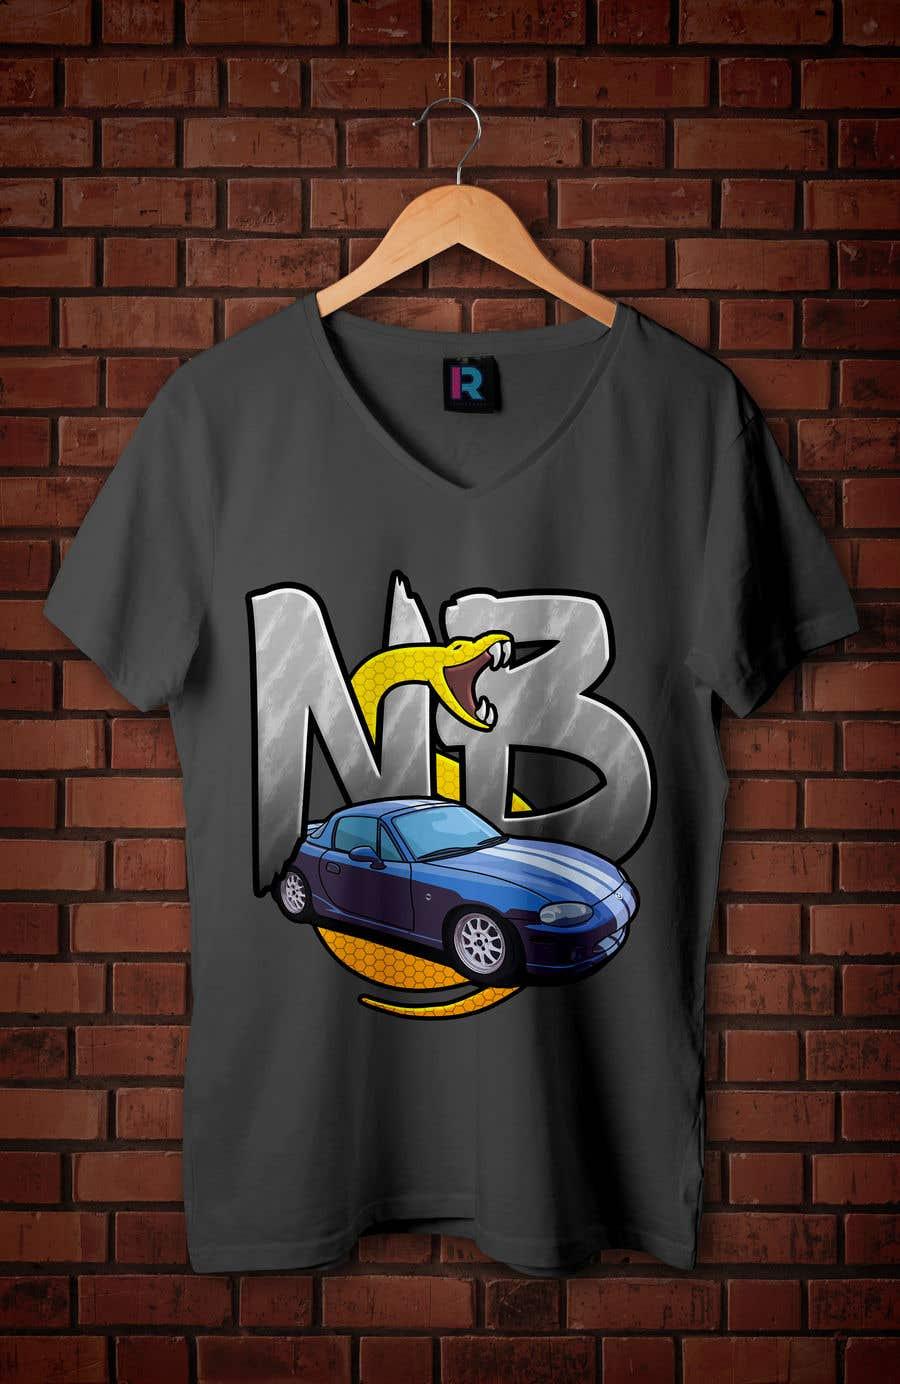 Penyertaan Peraduan #22 untuk T-shirt design for Car Clothing - 02/08/2019 14:44 EDT